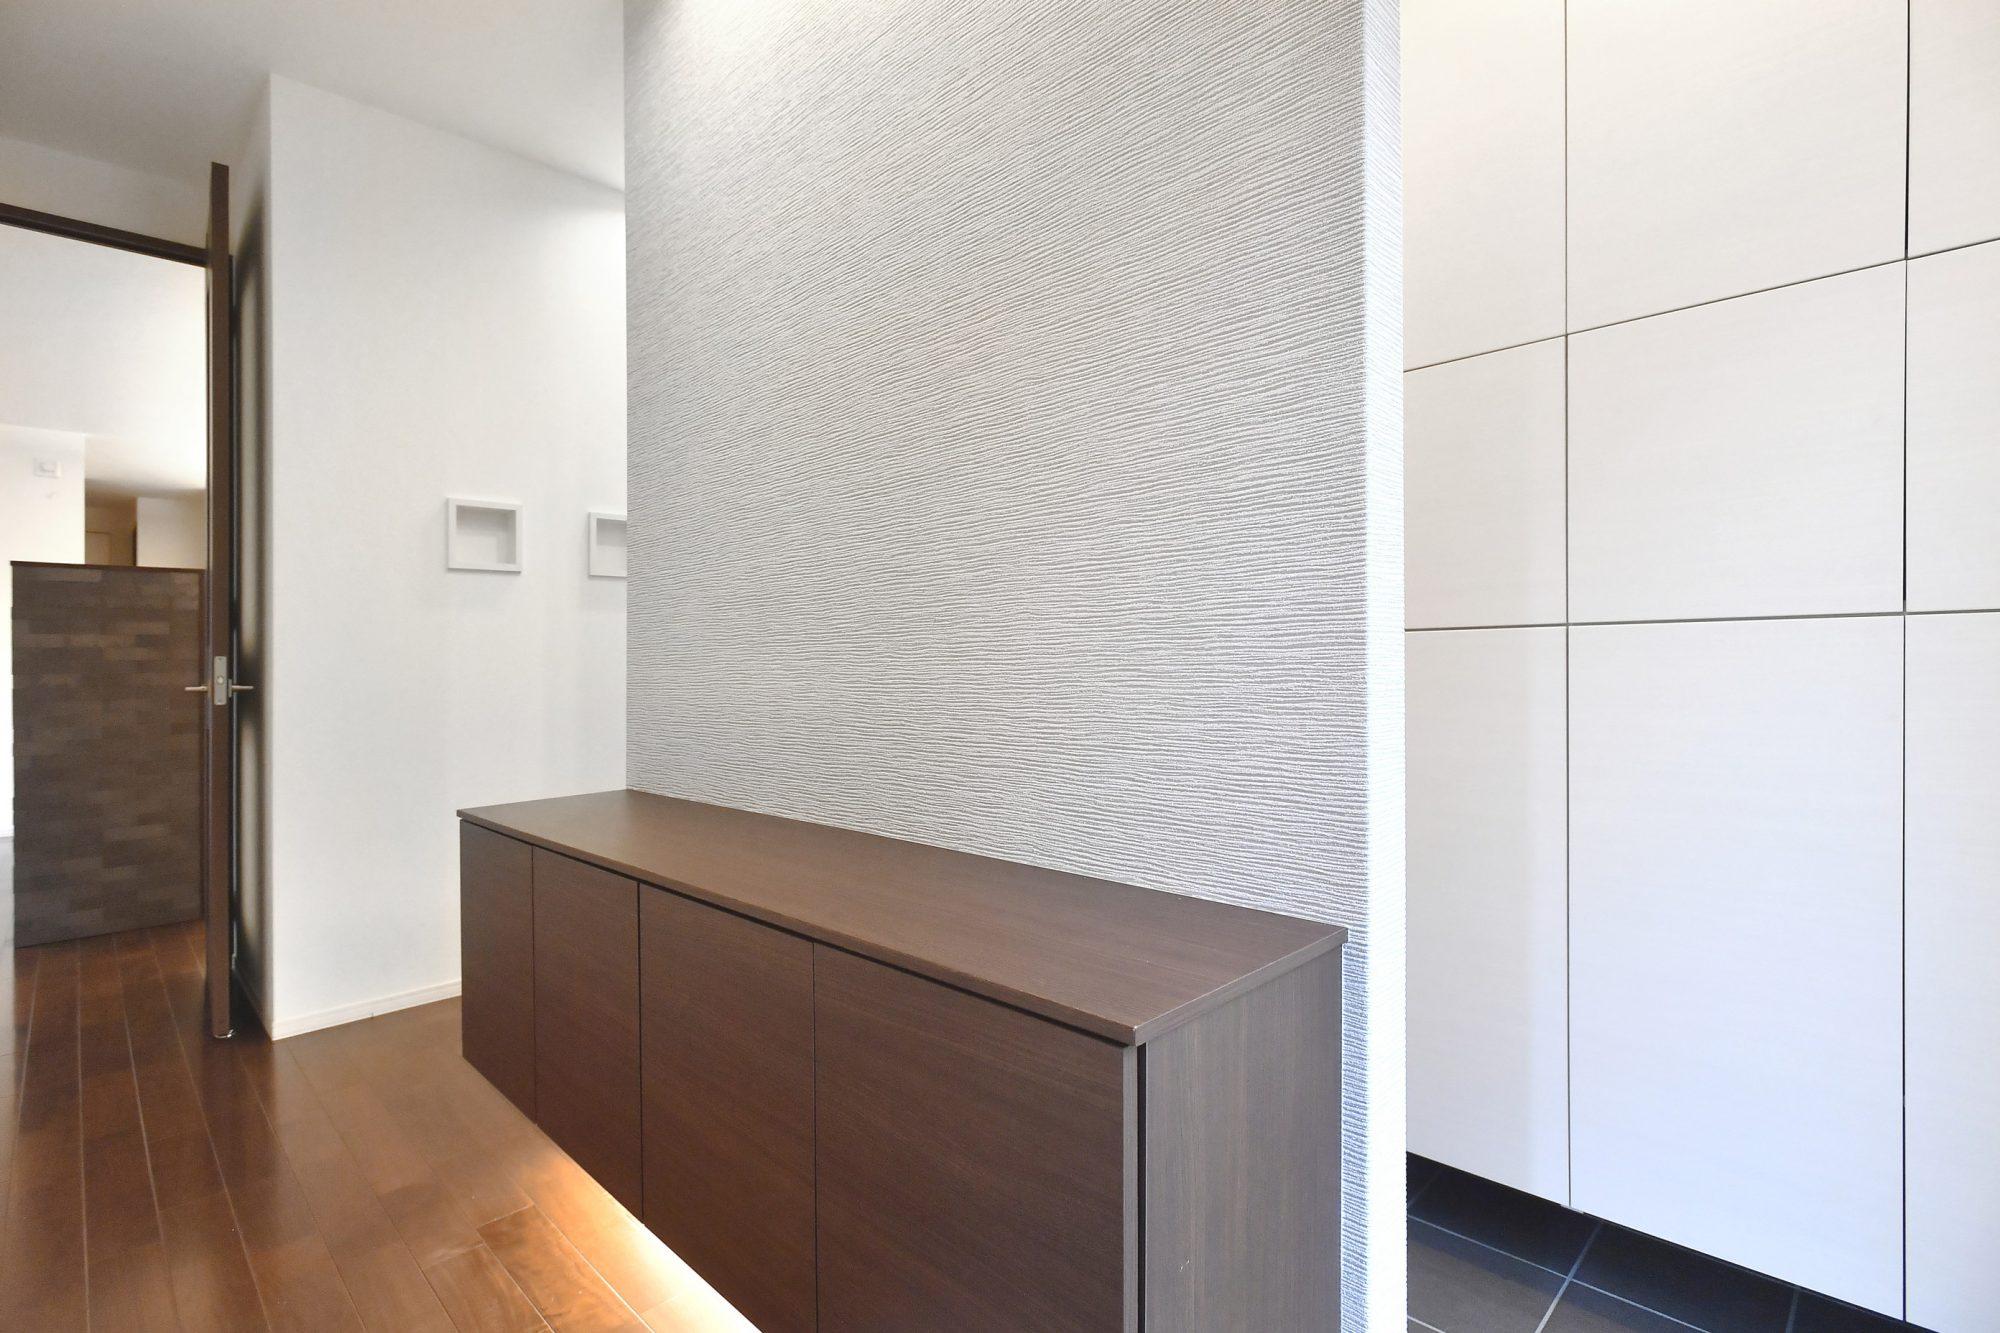 ゲスト用とプライベート用の2アクセス可能な2つの玄関。普段使い用の下駄箱の他、壁面全体を活用したシューズクローゼットが設置されています。